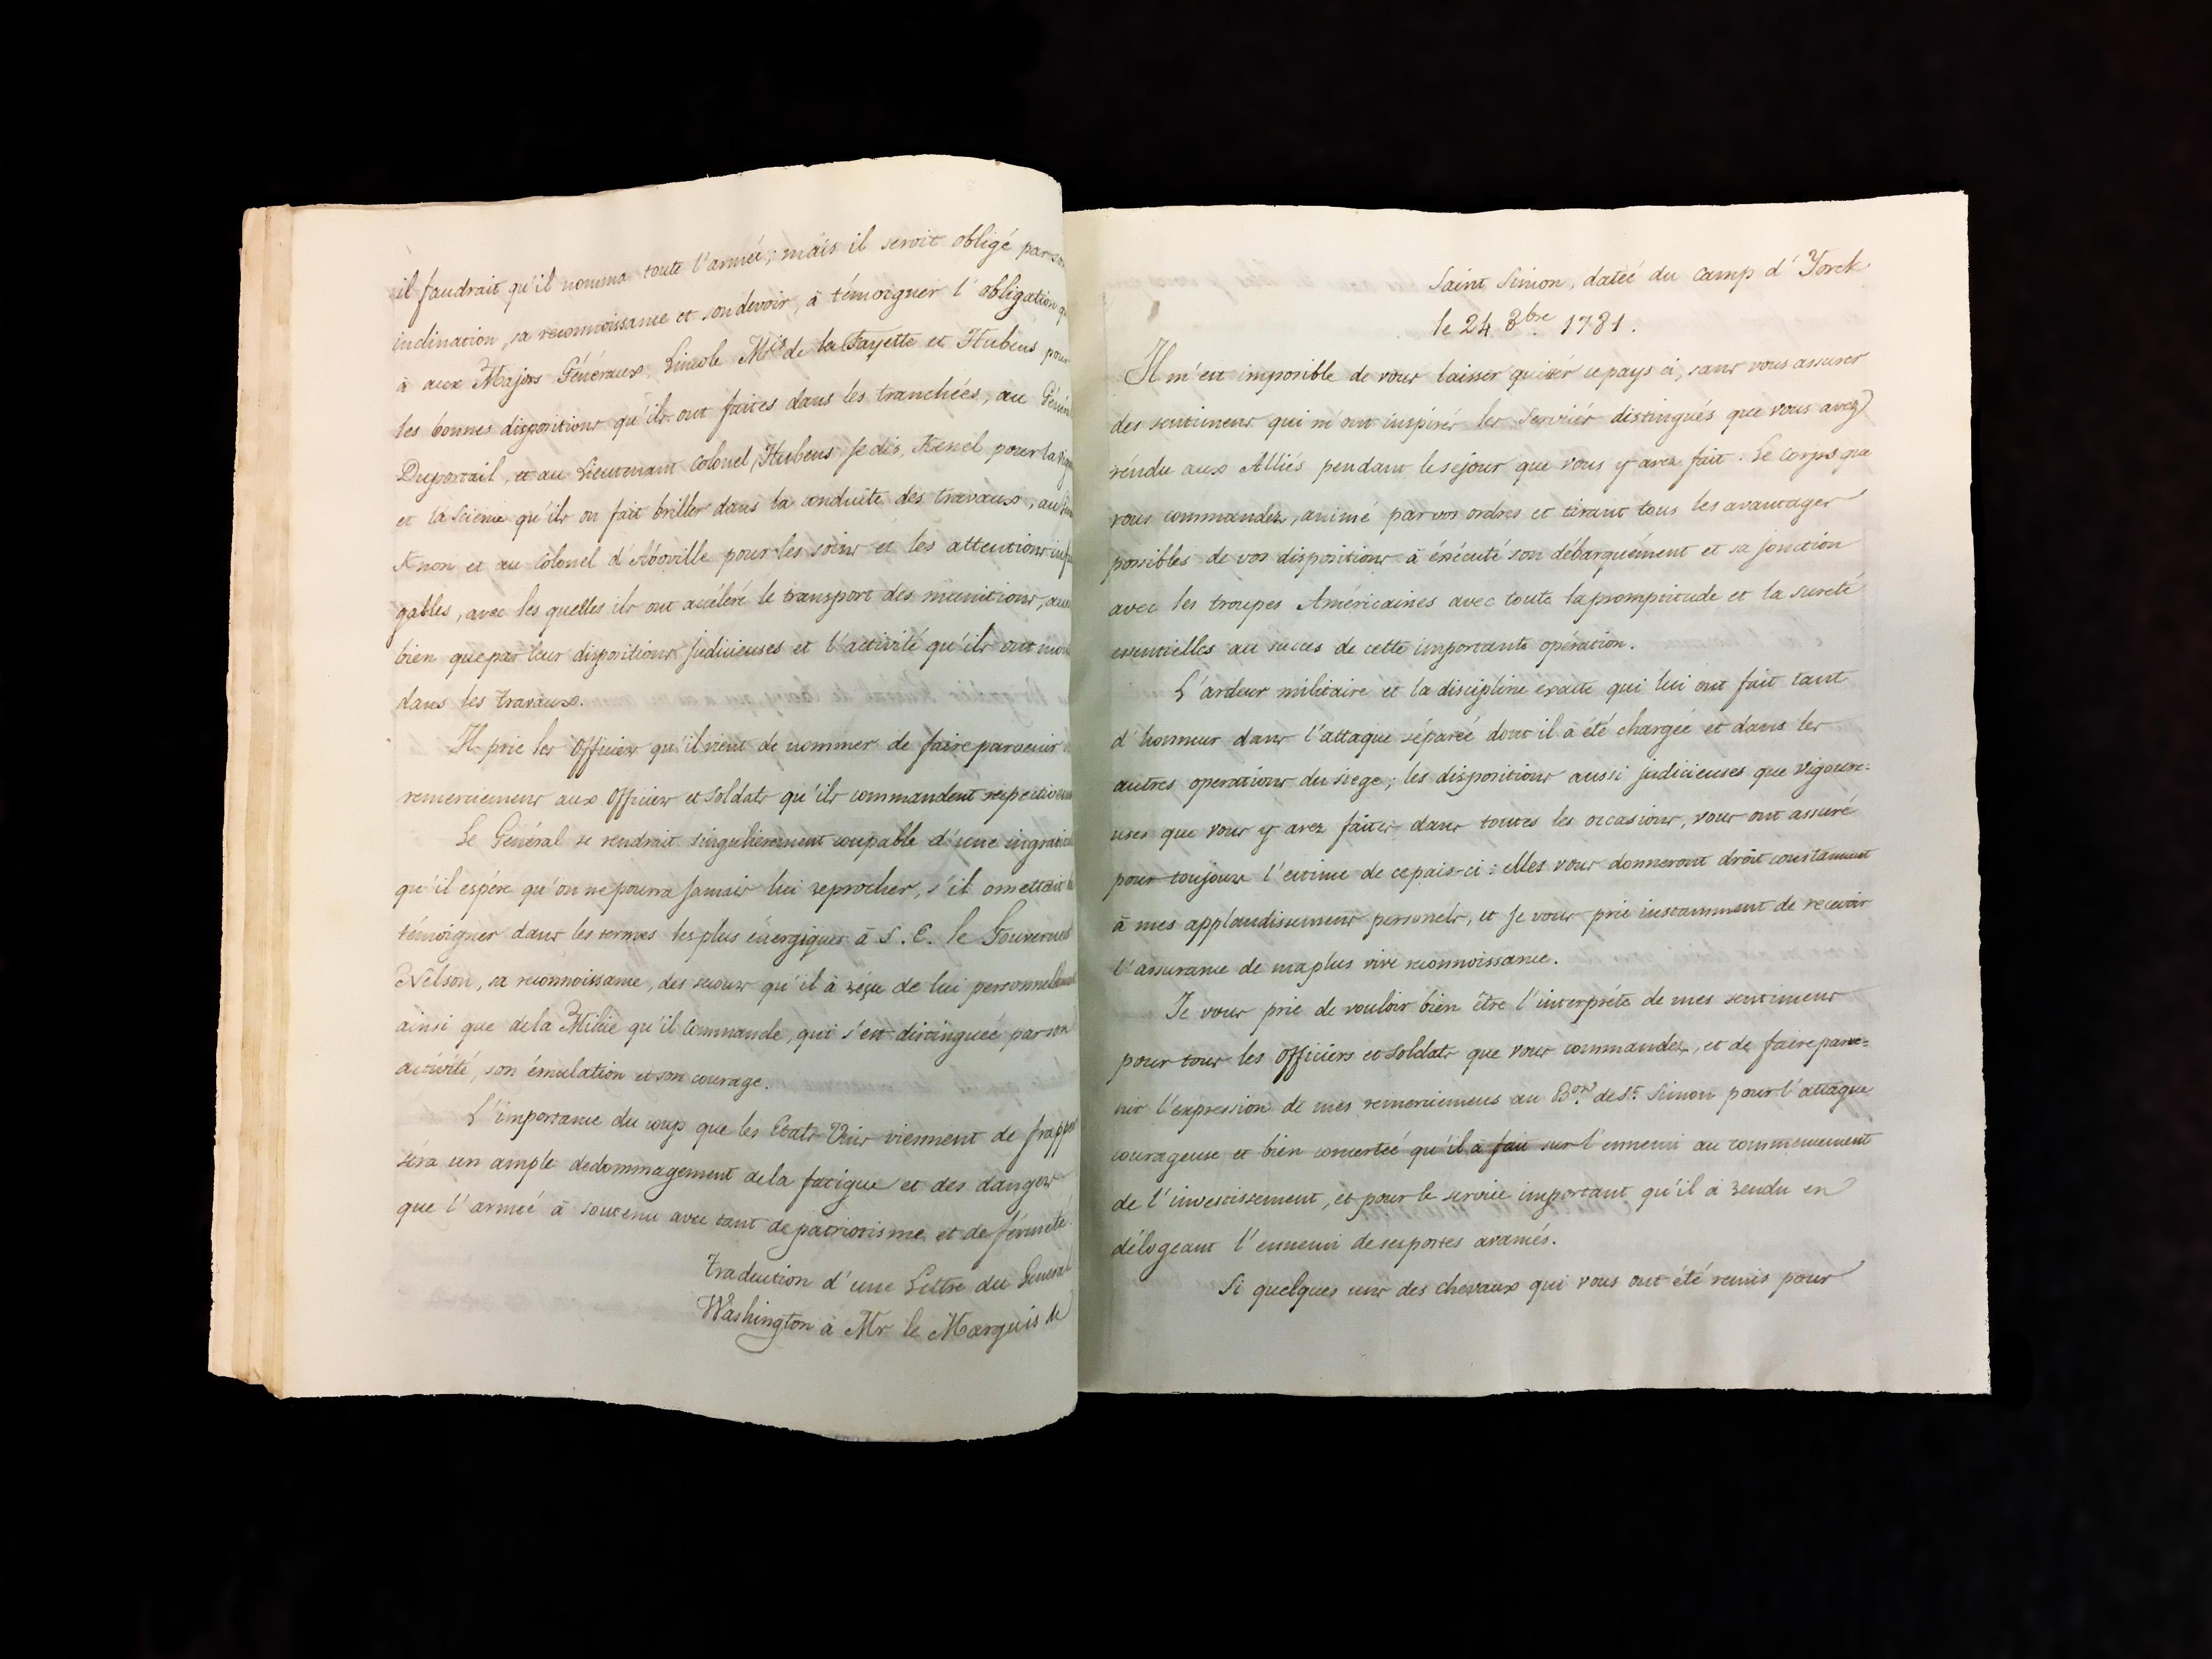 """""""Journal de la campagne des etats unis d'Amérique dépuis le 5 Juillet 1781 jusqu'au 12 Avril 1782"""" by Saint-Simon"""